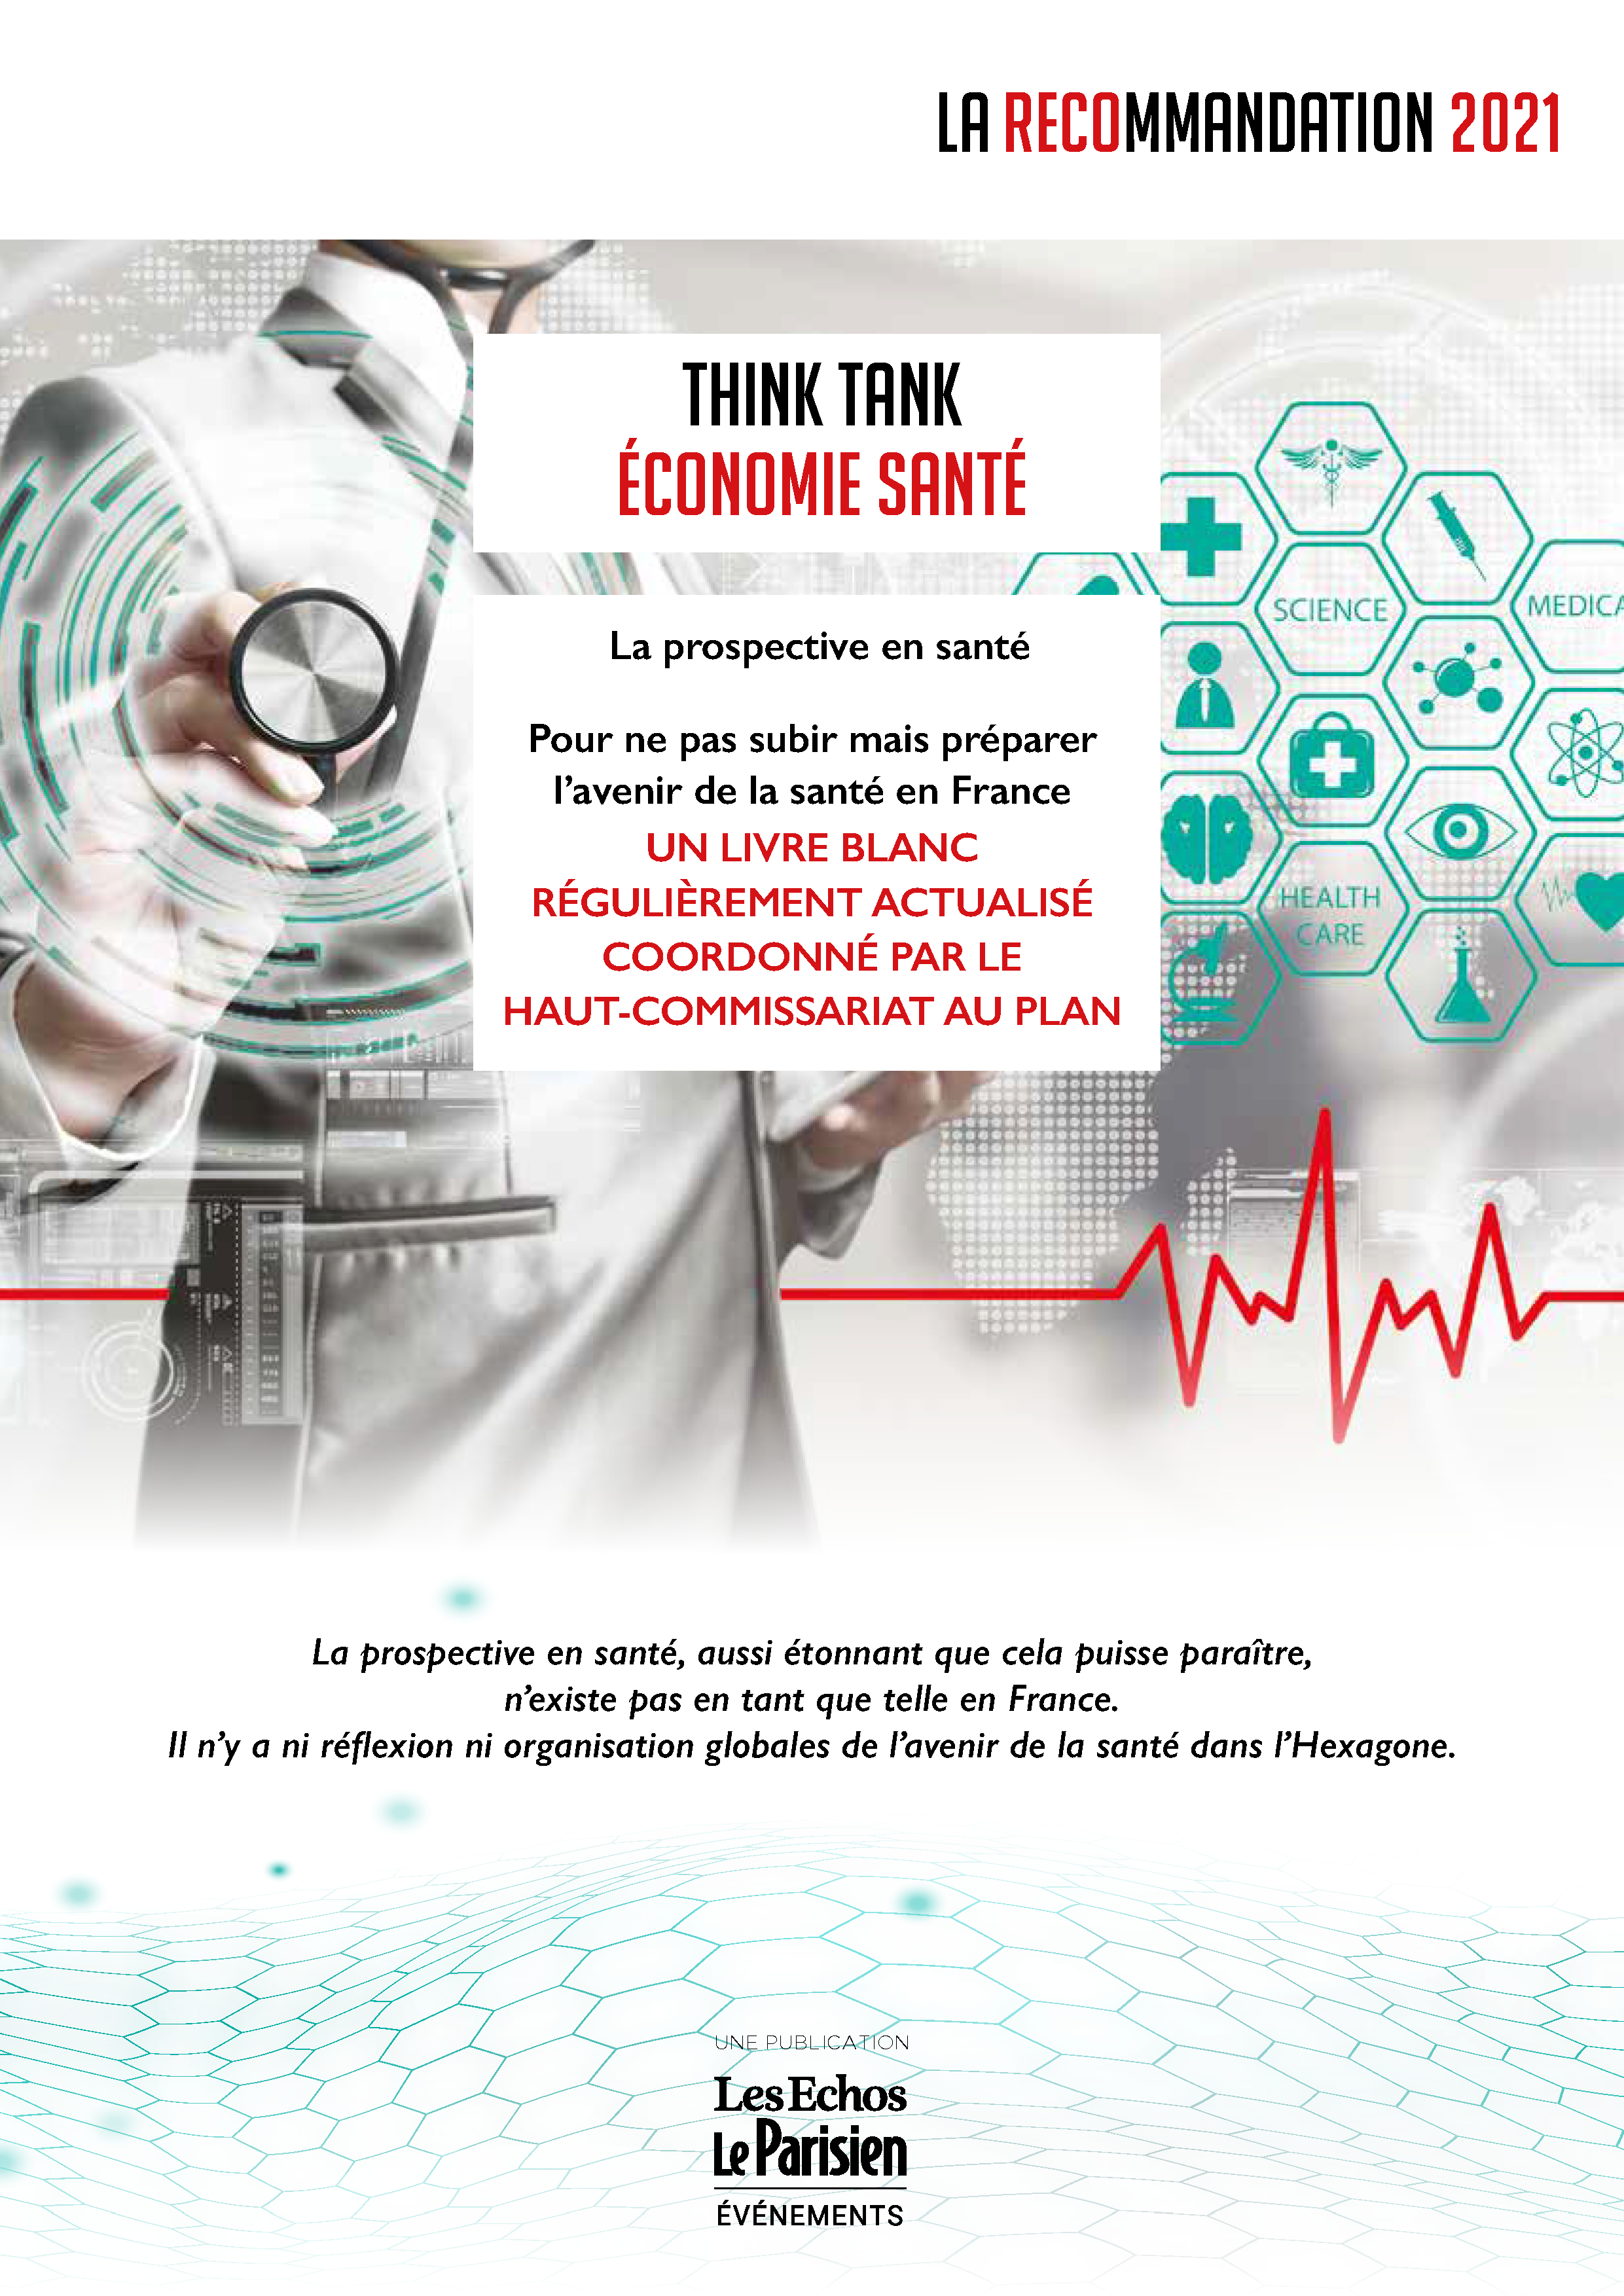 Think Tank Economie Santé les Echos : la Reco 2021